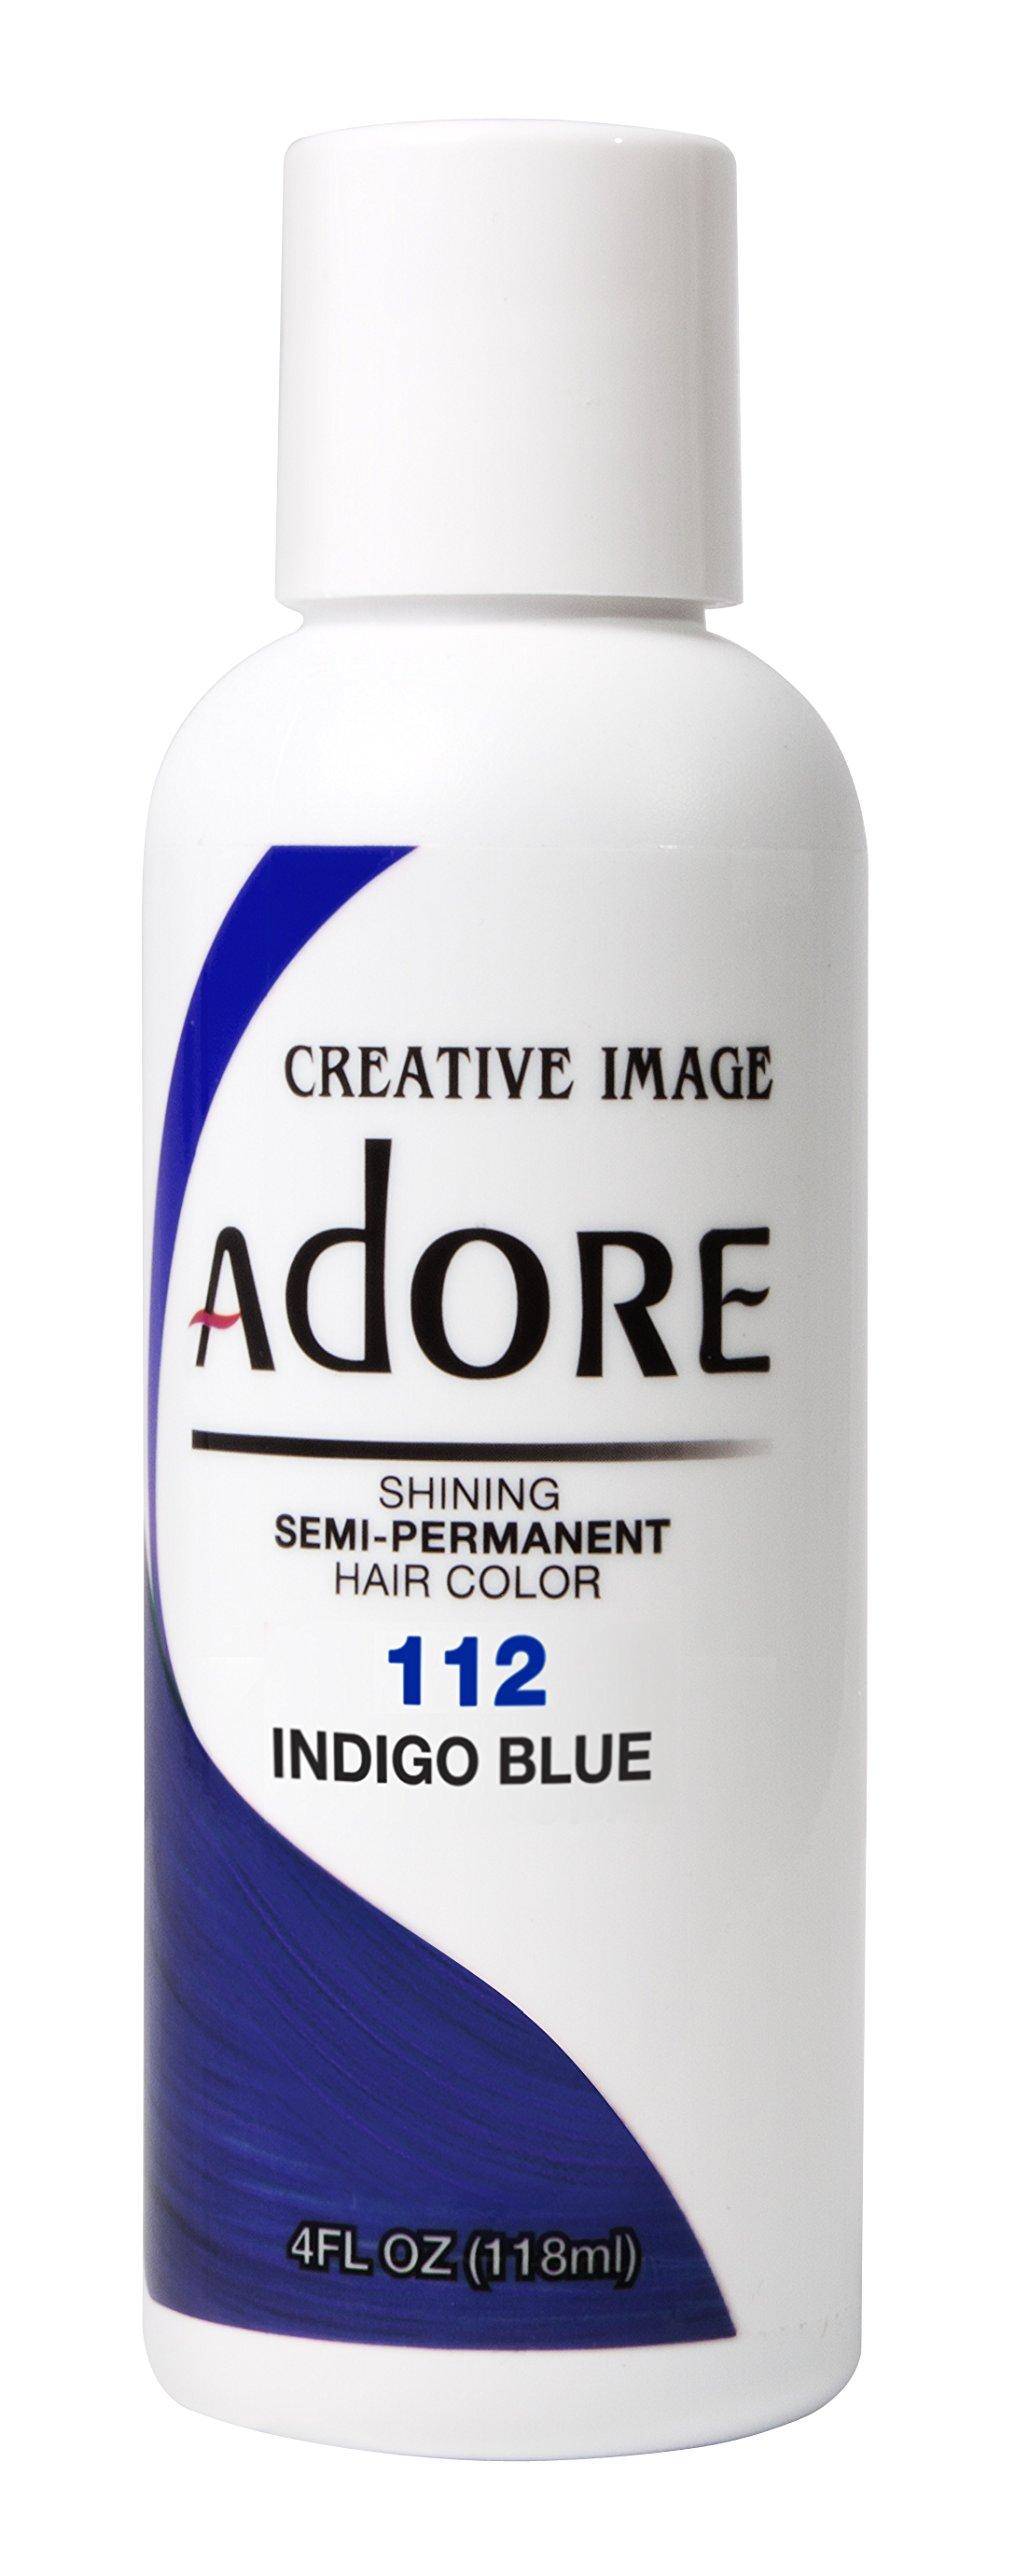 Adore Shining Semi Permanent Hair Colour, 112 Indigo Blue by Adore